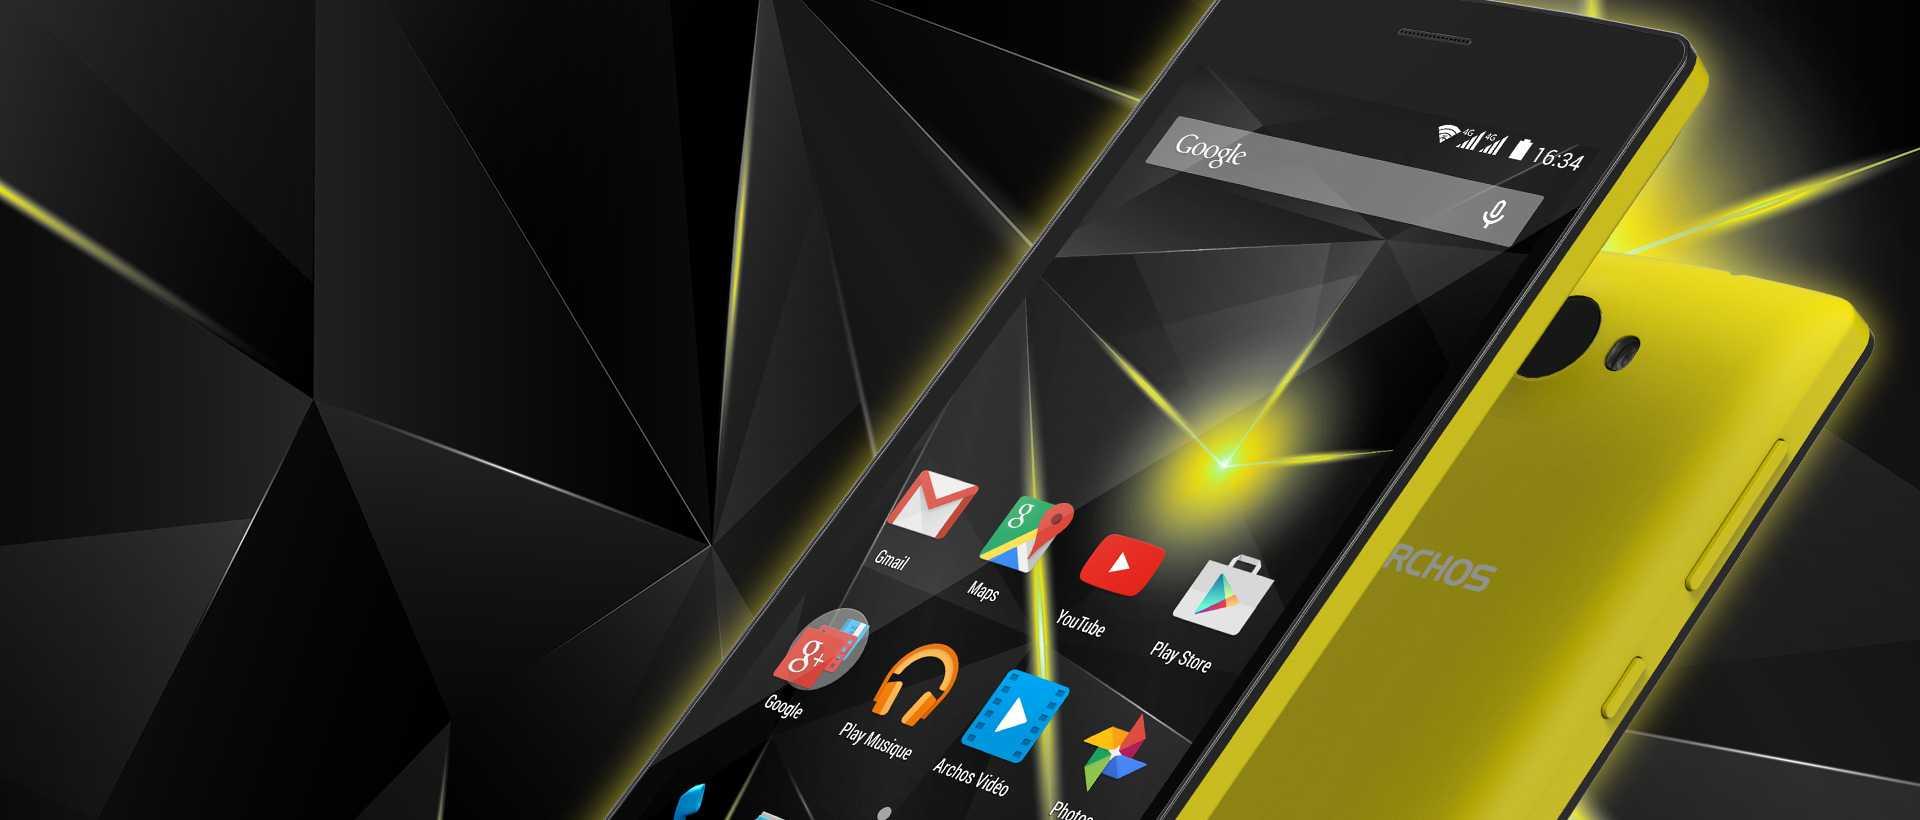 archos 4g smartphones heium tablets